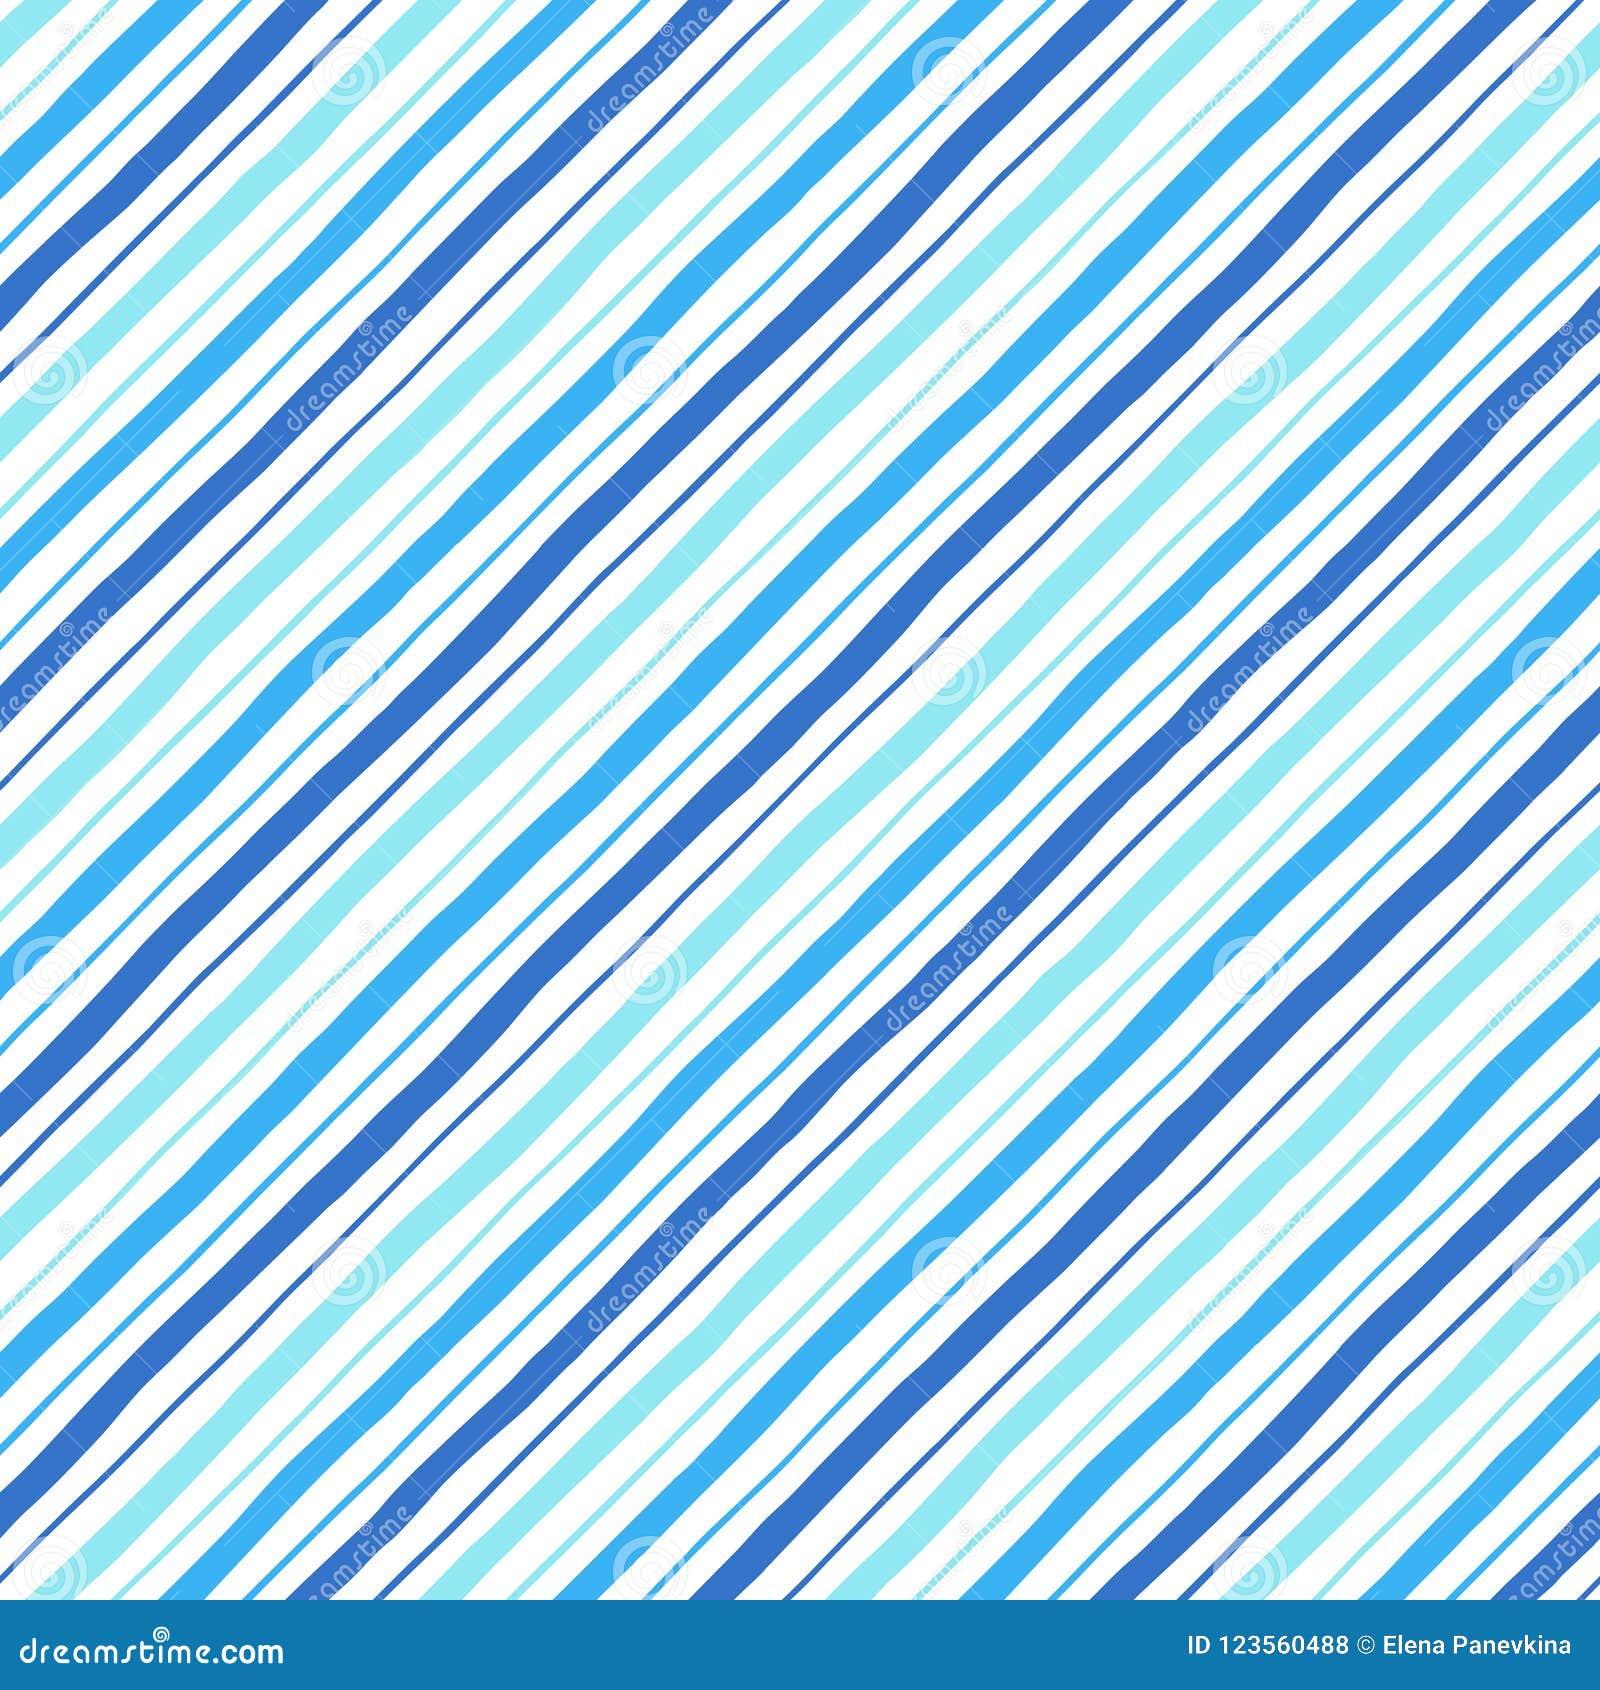 Διαγώνιο παράλληλο doodle άνευ ραφής σχέδιο λωρίδων ύφους μπλε